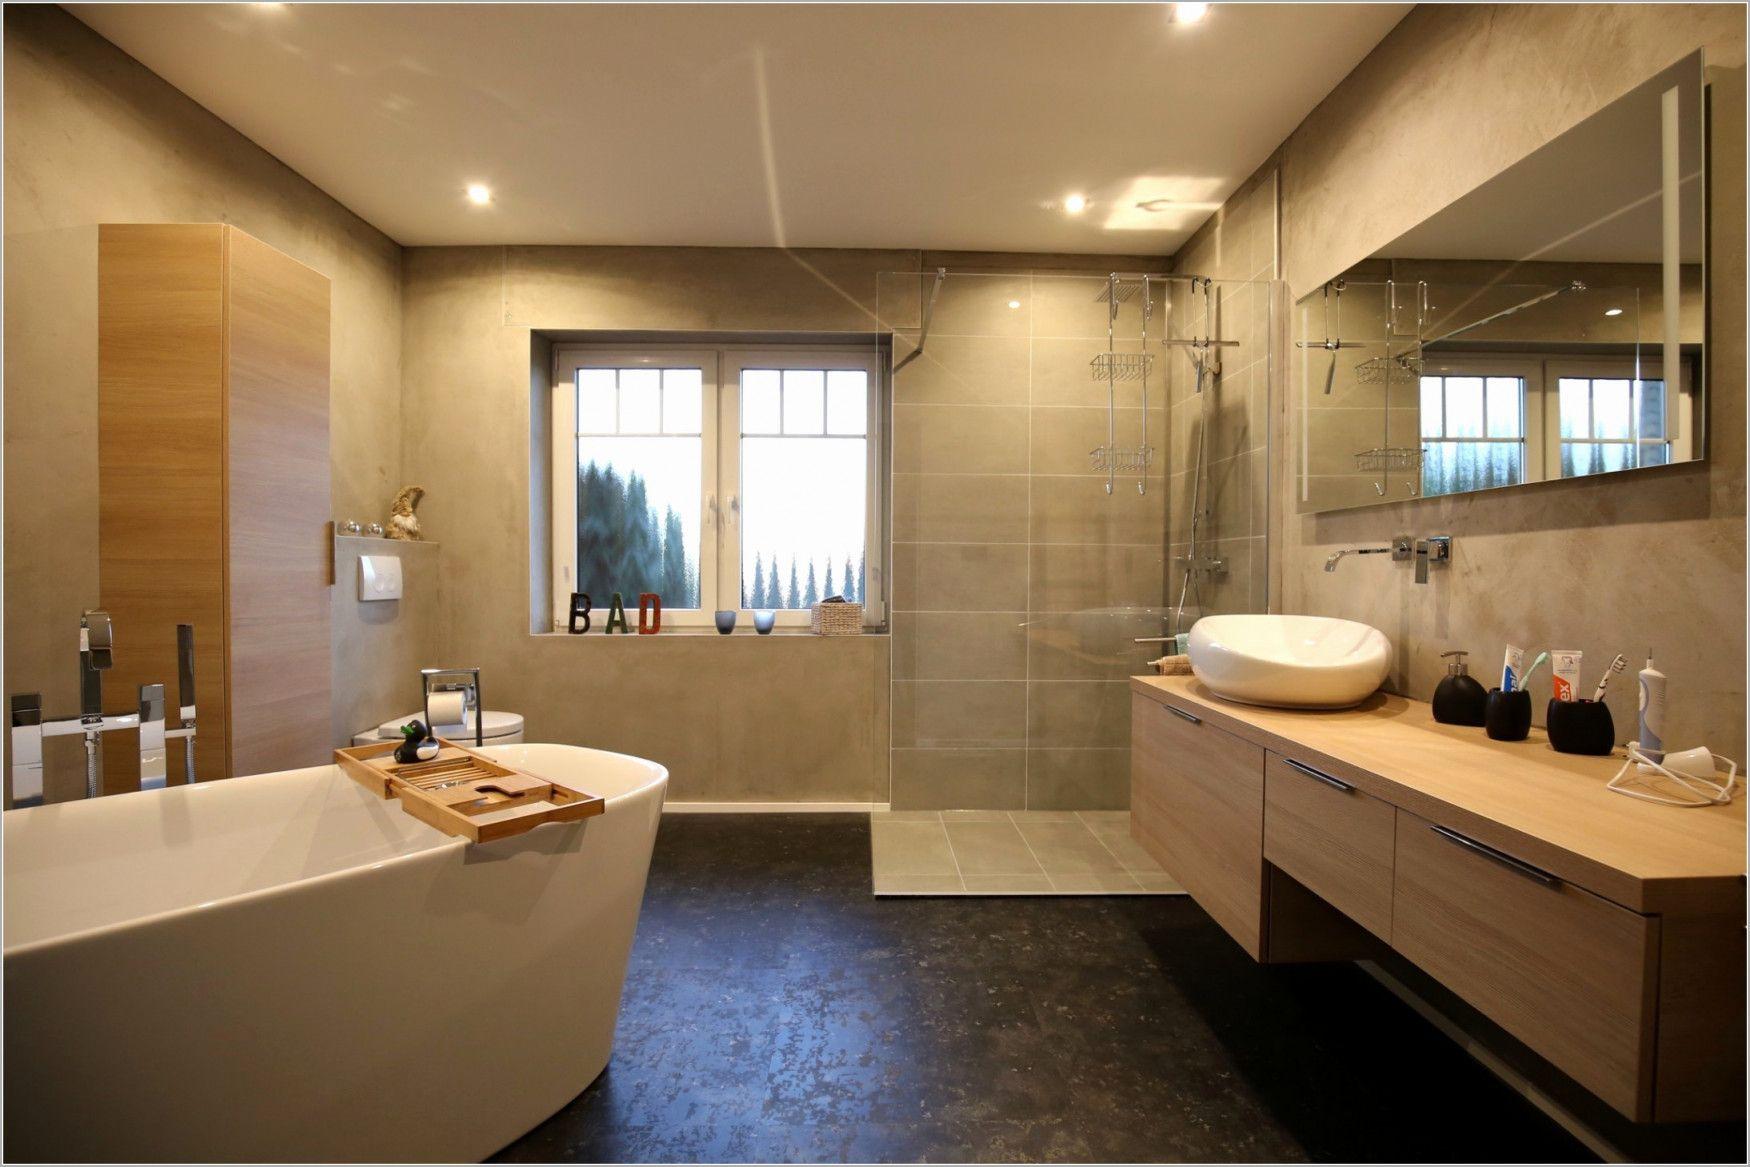 44 Incroyable Refaire Une Salle De Bain Pas Cher Salle De Bain Design Amenagement Salle De Bain Idee Salle De Bain